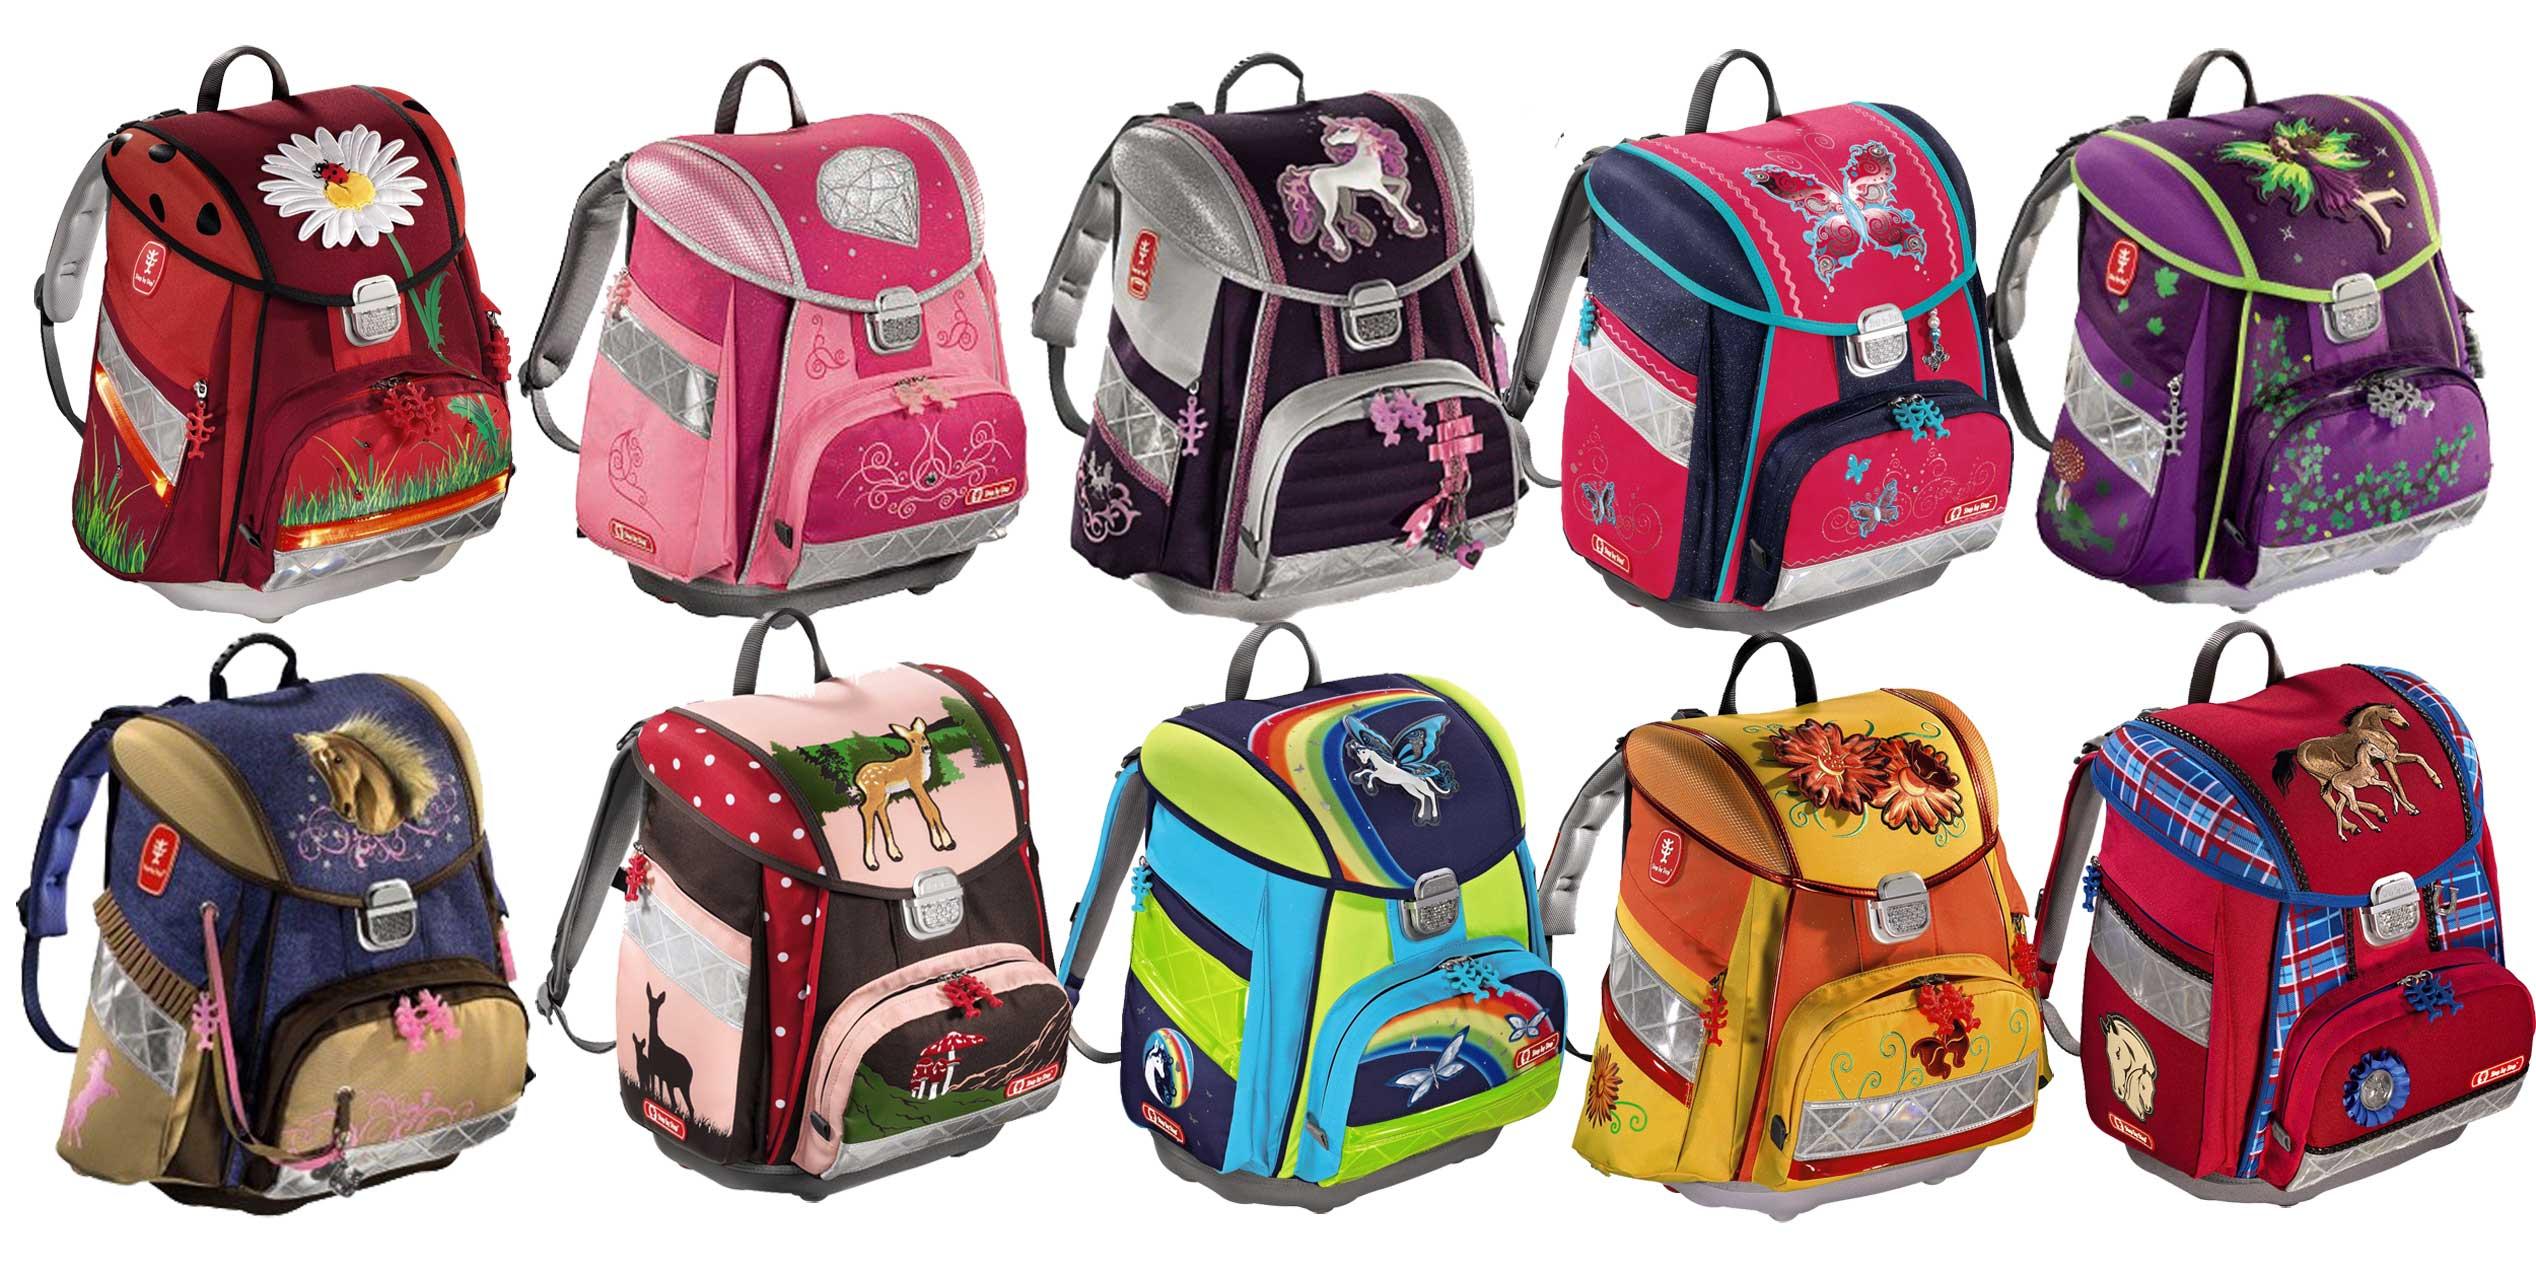 893f6ea029 Školské tašky anatomické predaj online eshop